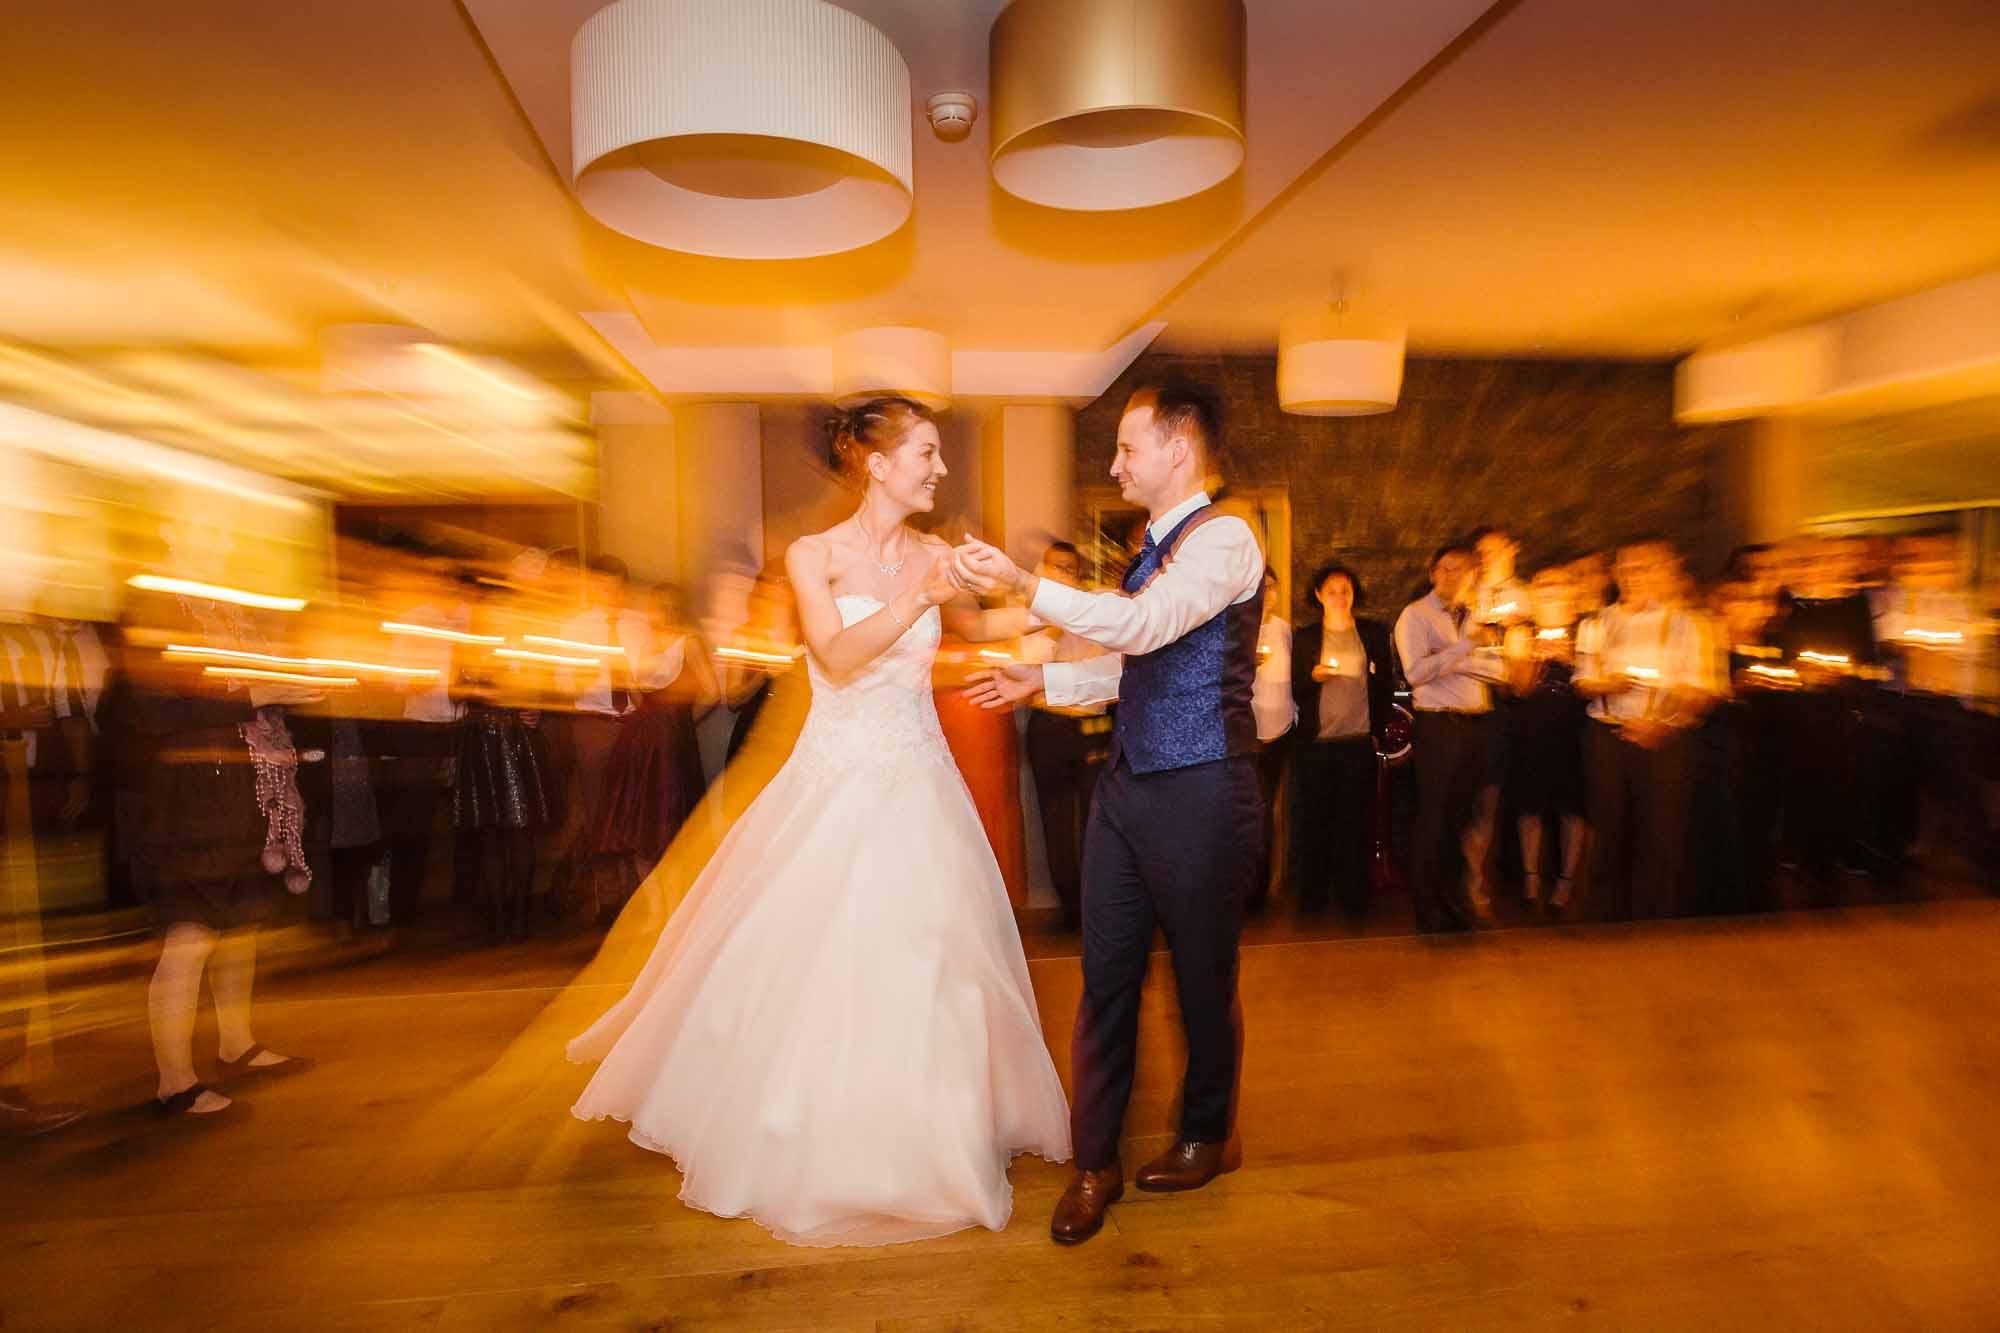 Hochzeitsfotos Emmental Brautpaar eröffnet Tanz im Restaurant Moosegg